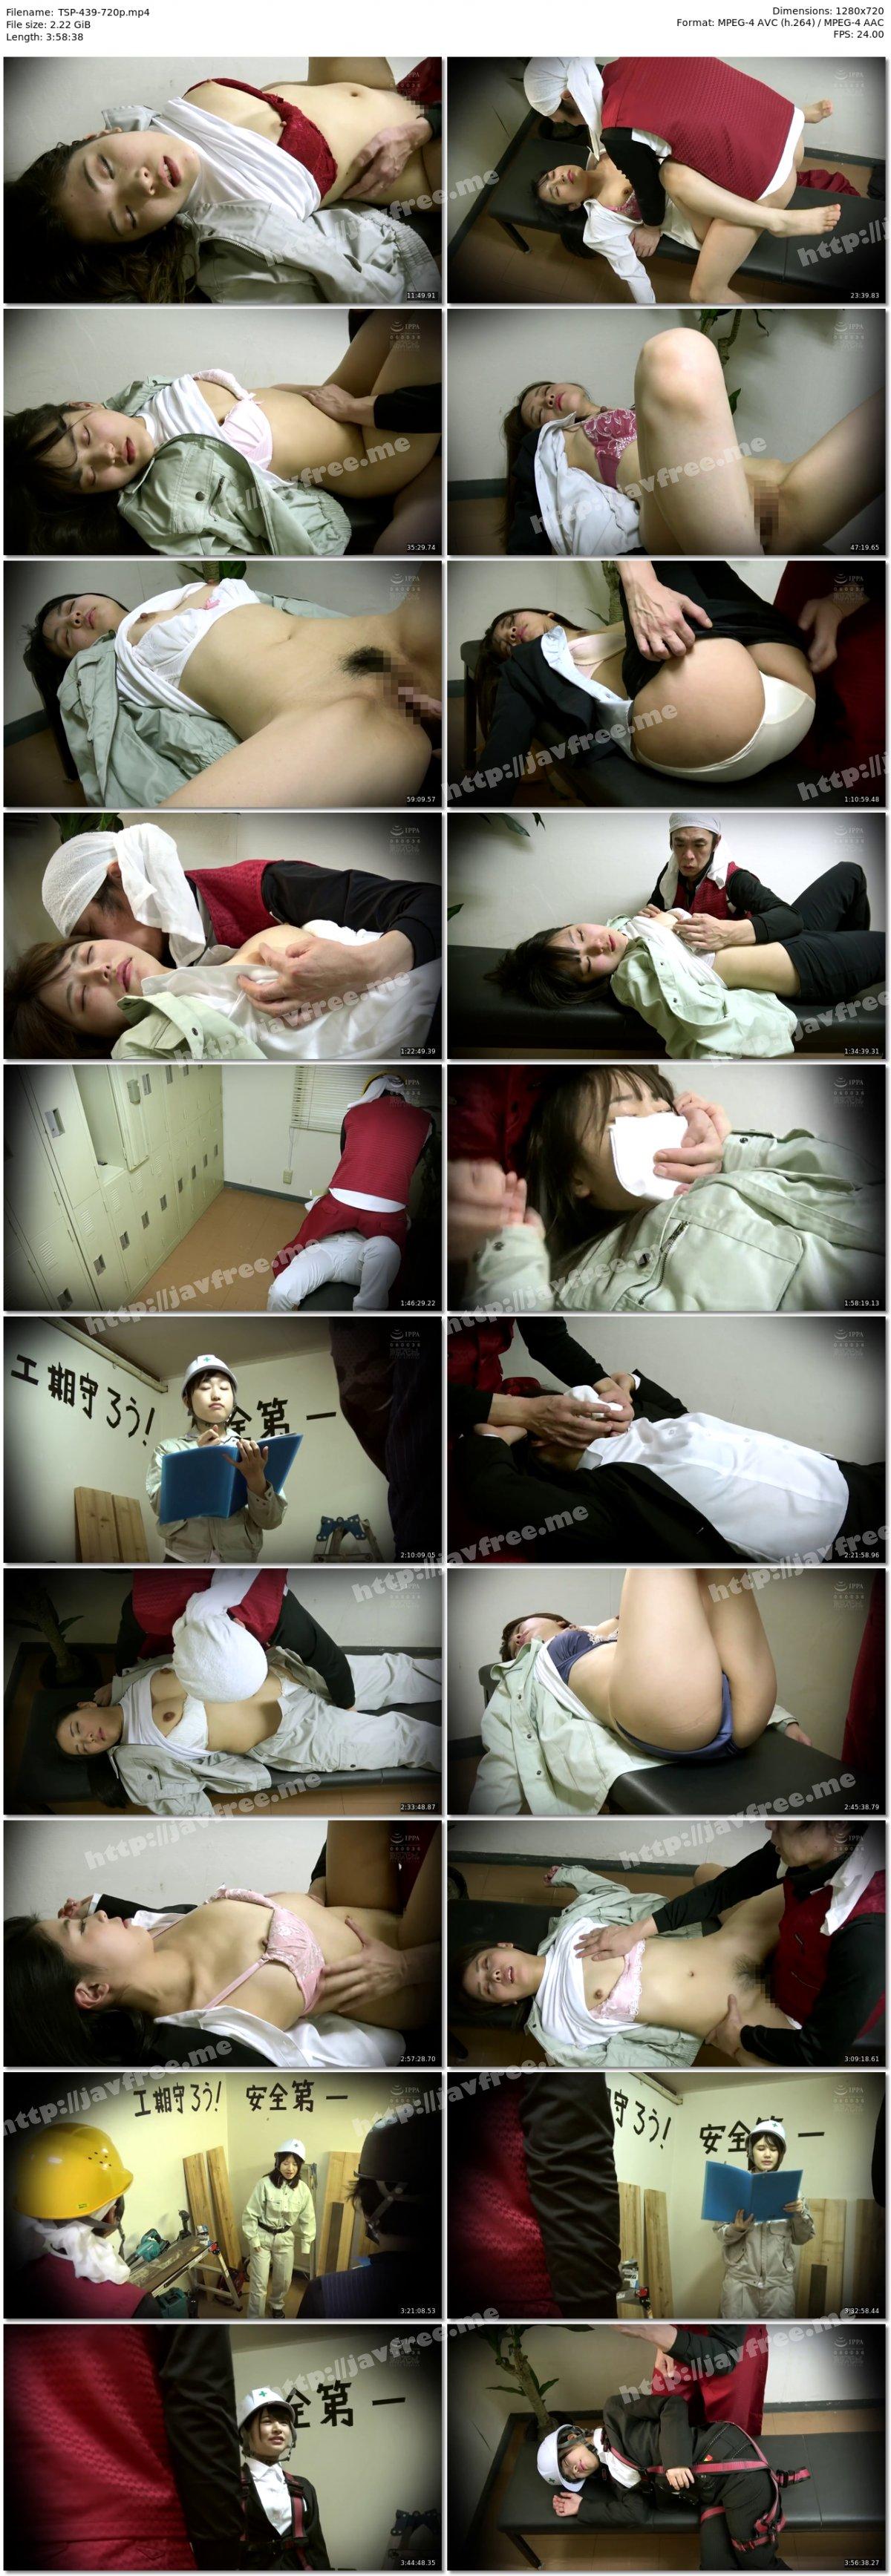 [HD][TSP-439] 巨根ハンマー突貫作業! 襲われた女性現場監督 「あんた…こんな所で寝てると風邪ひくよ…」 - image TSP-439-720p on https://javfree.me